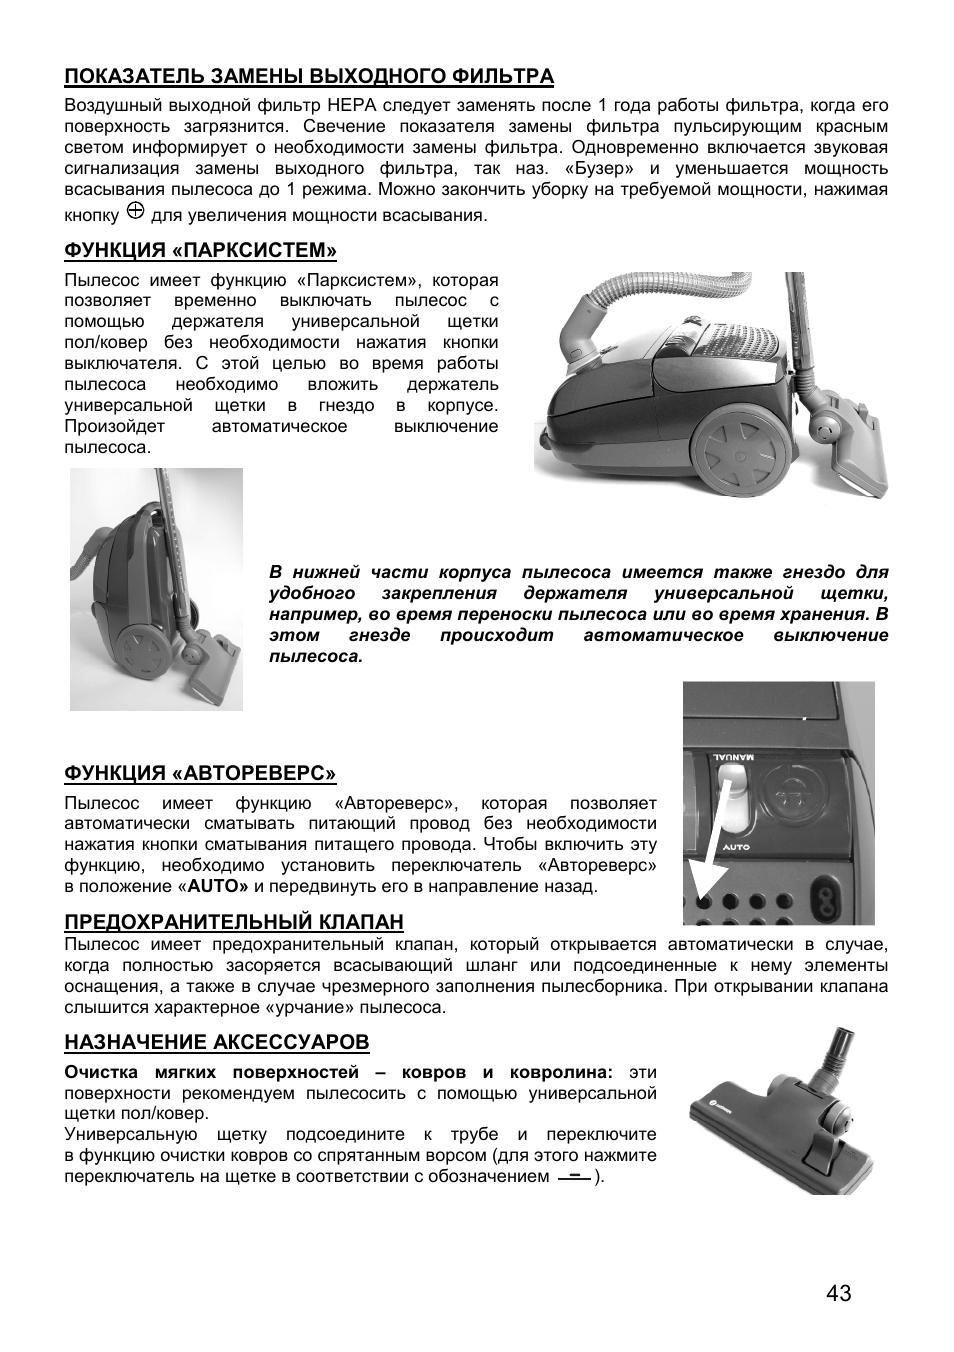 инструкция к пылесосу zelmer profi 1600w